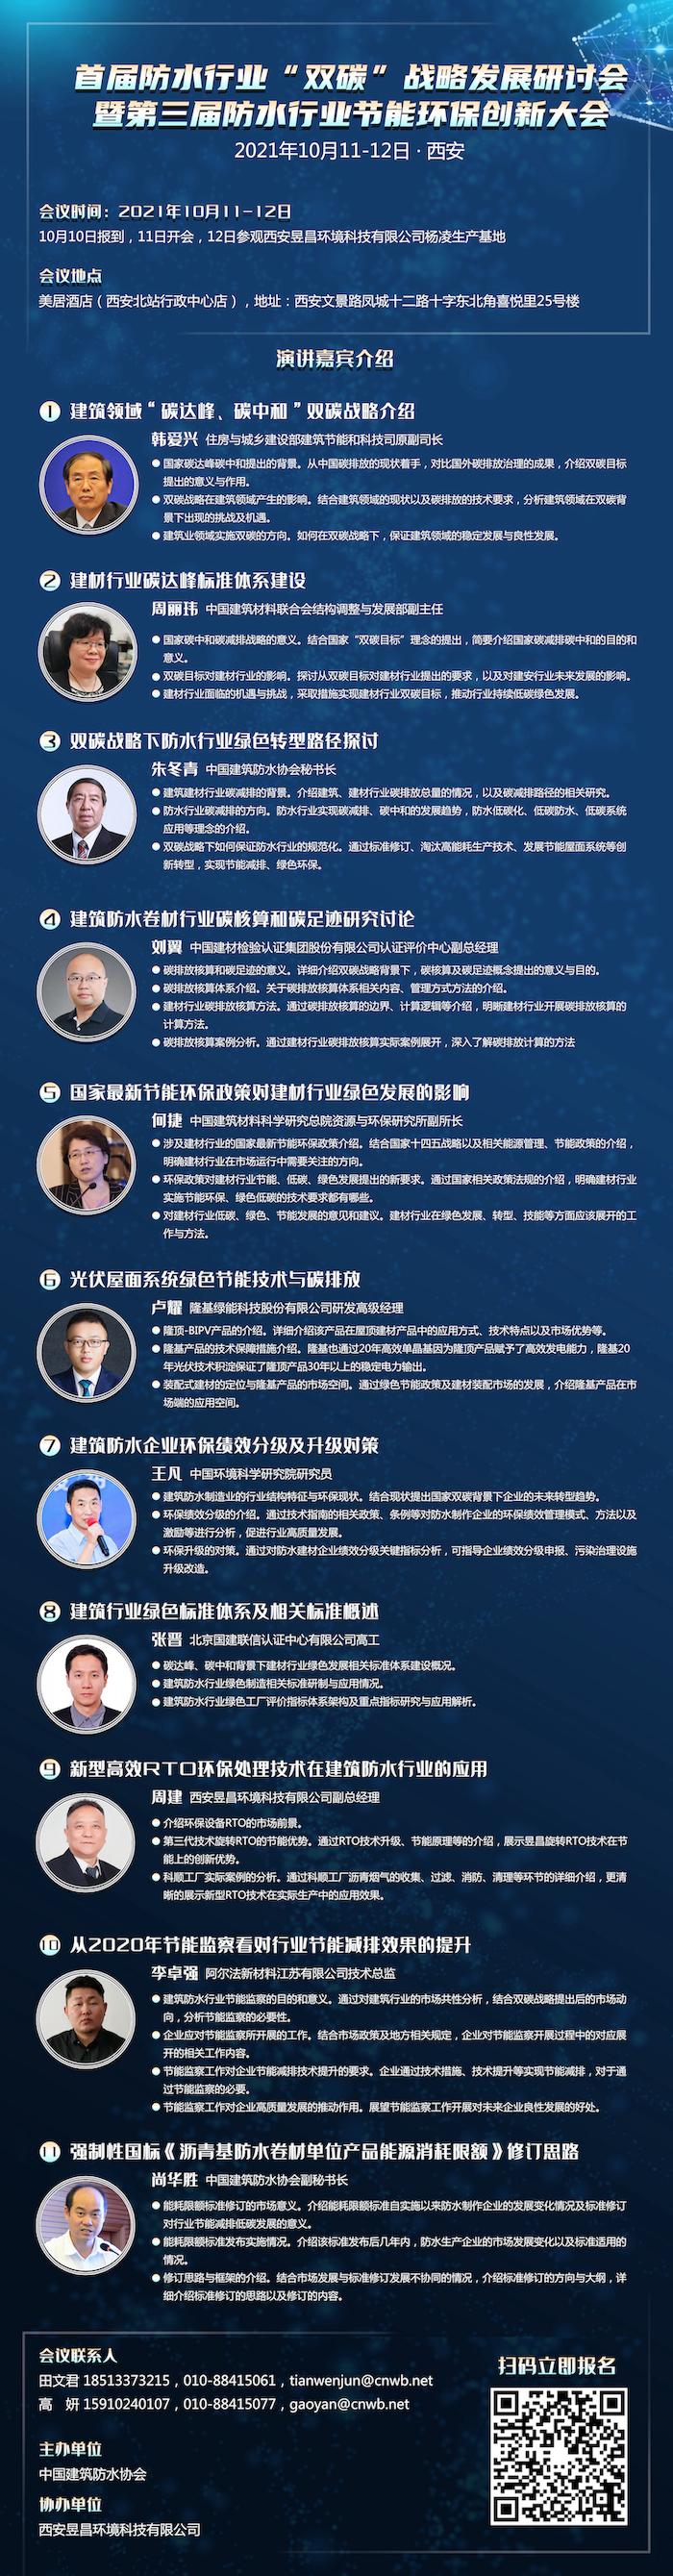 西安环保会海报 2的副本.jpg